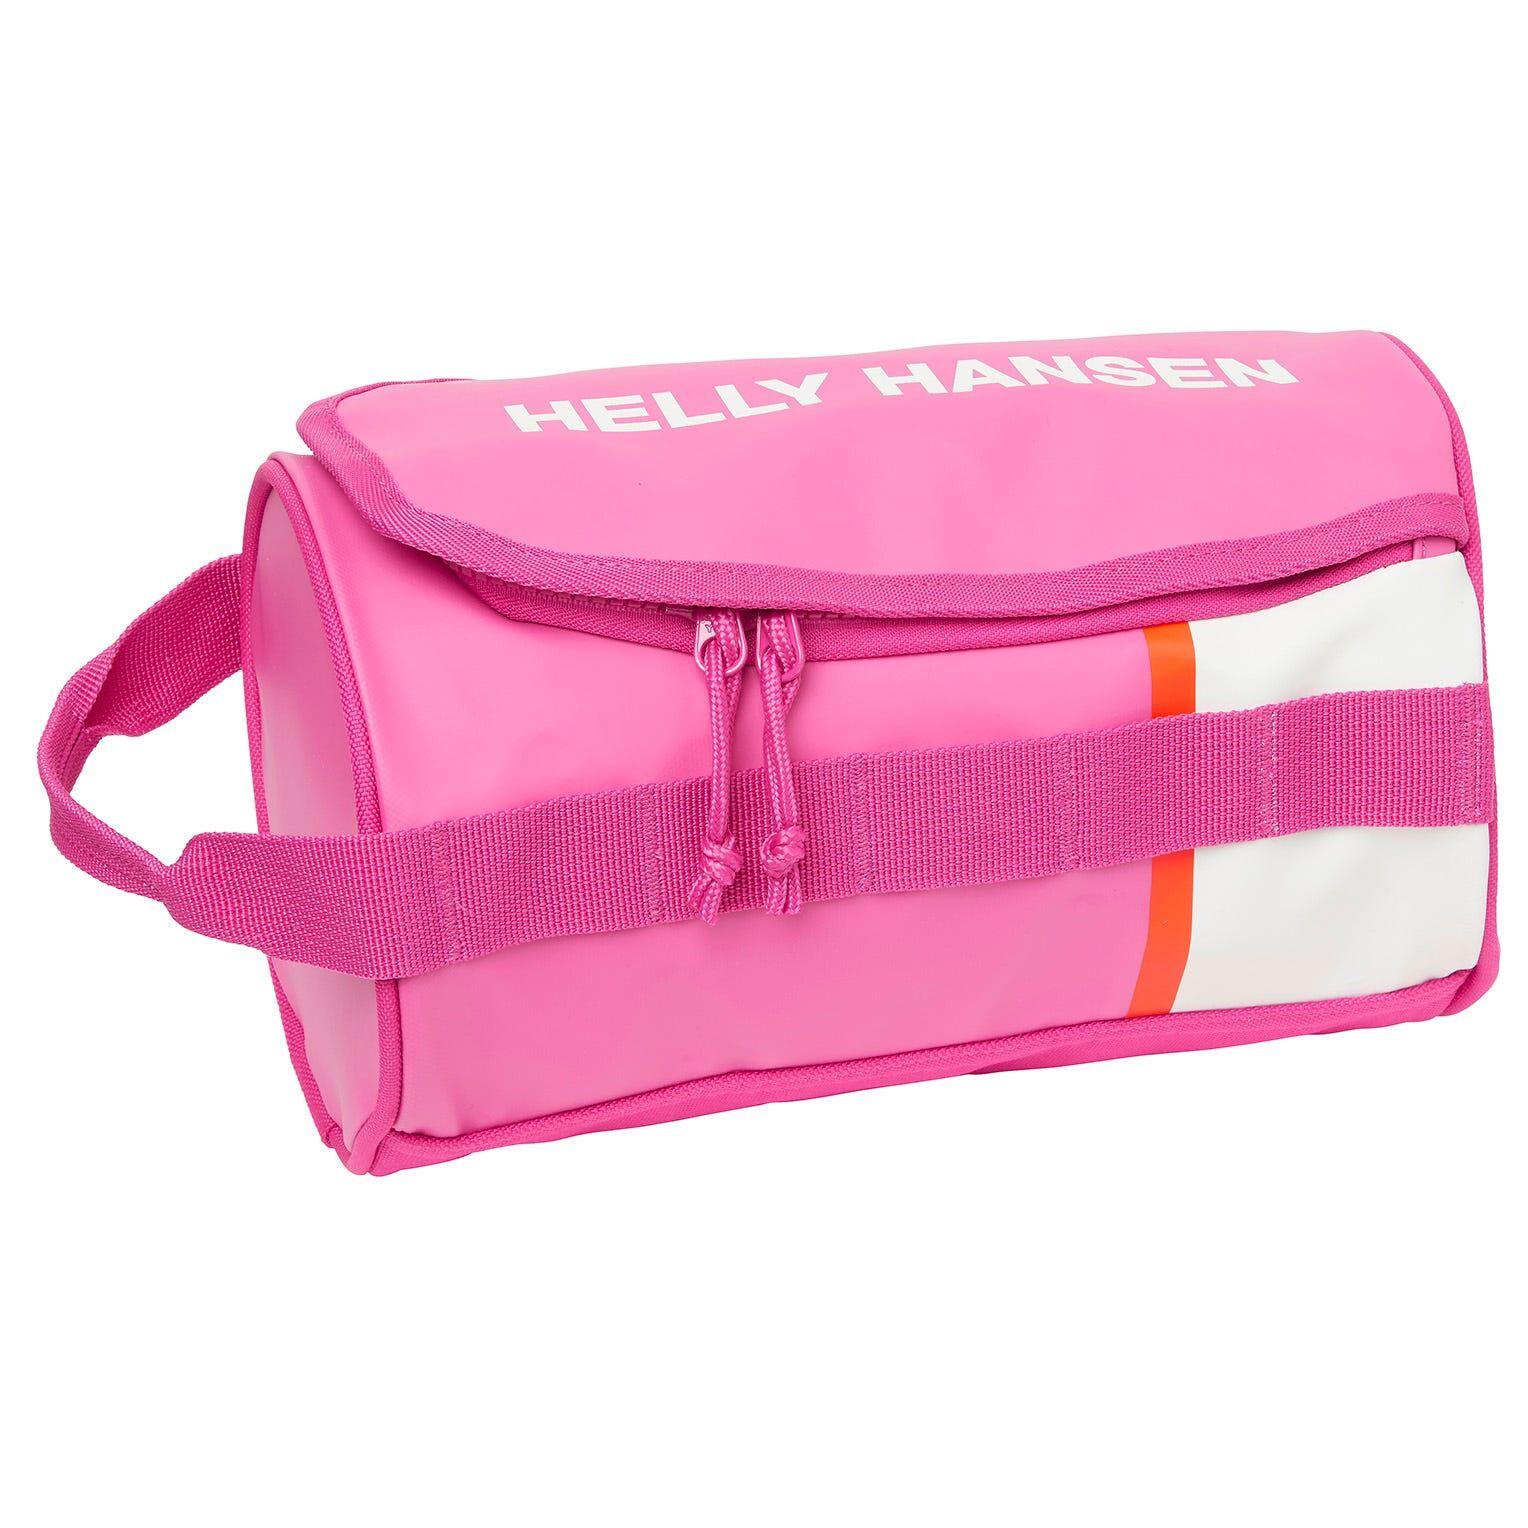 Helly Hansen Wash Bag 2 Pink STD